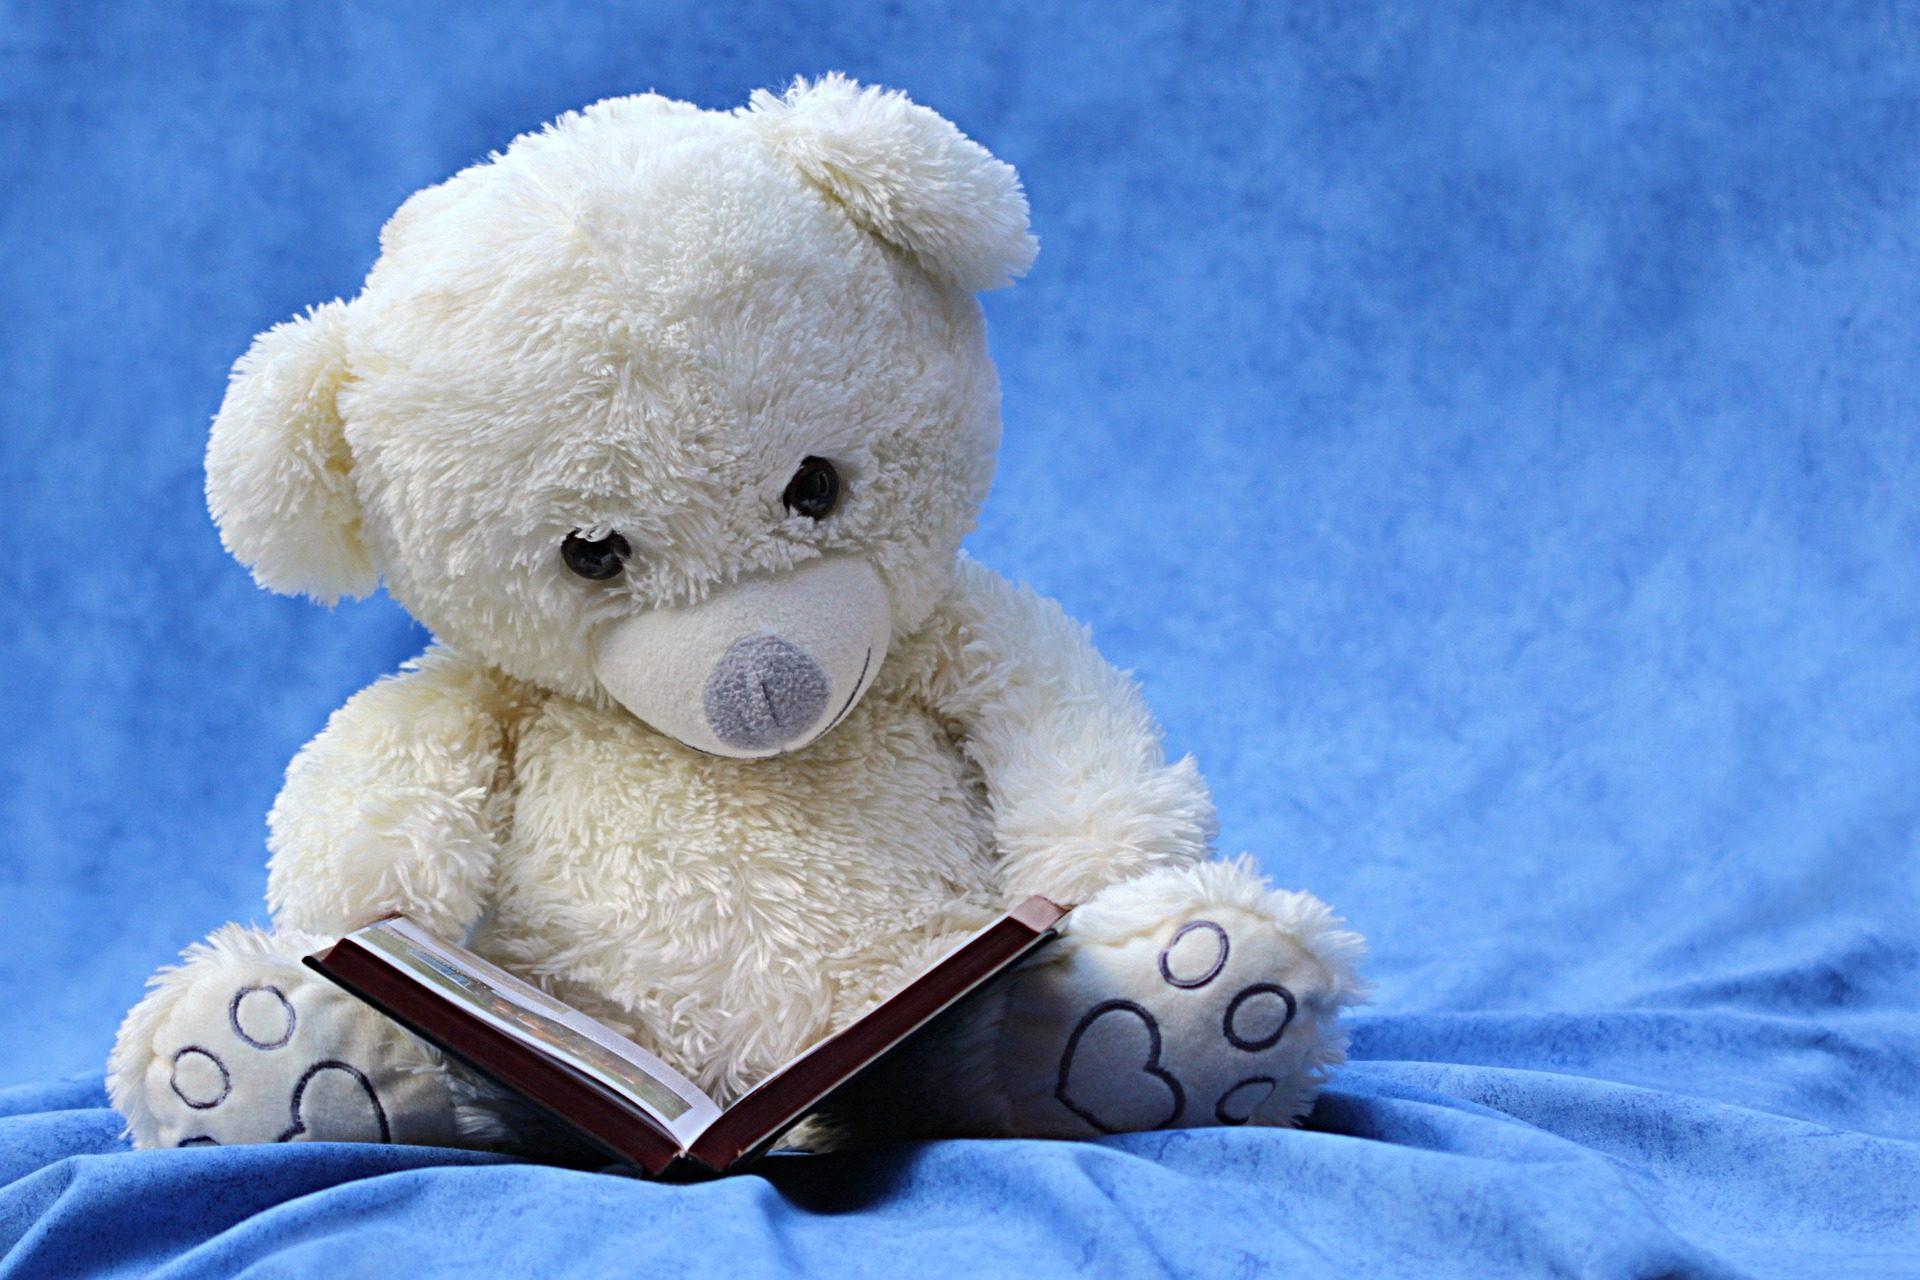 медведь, Тедди, Книга, чтение, Белый - Обои HD - Профессор falken.com